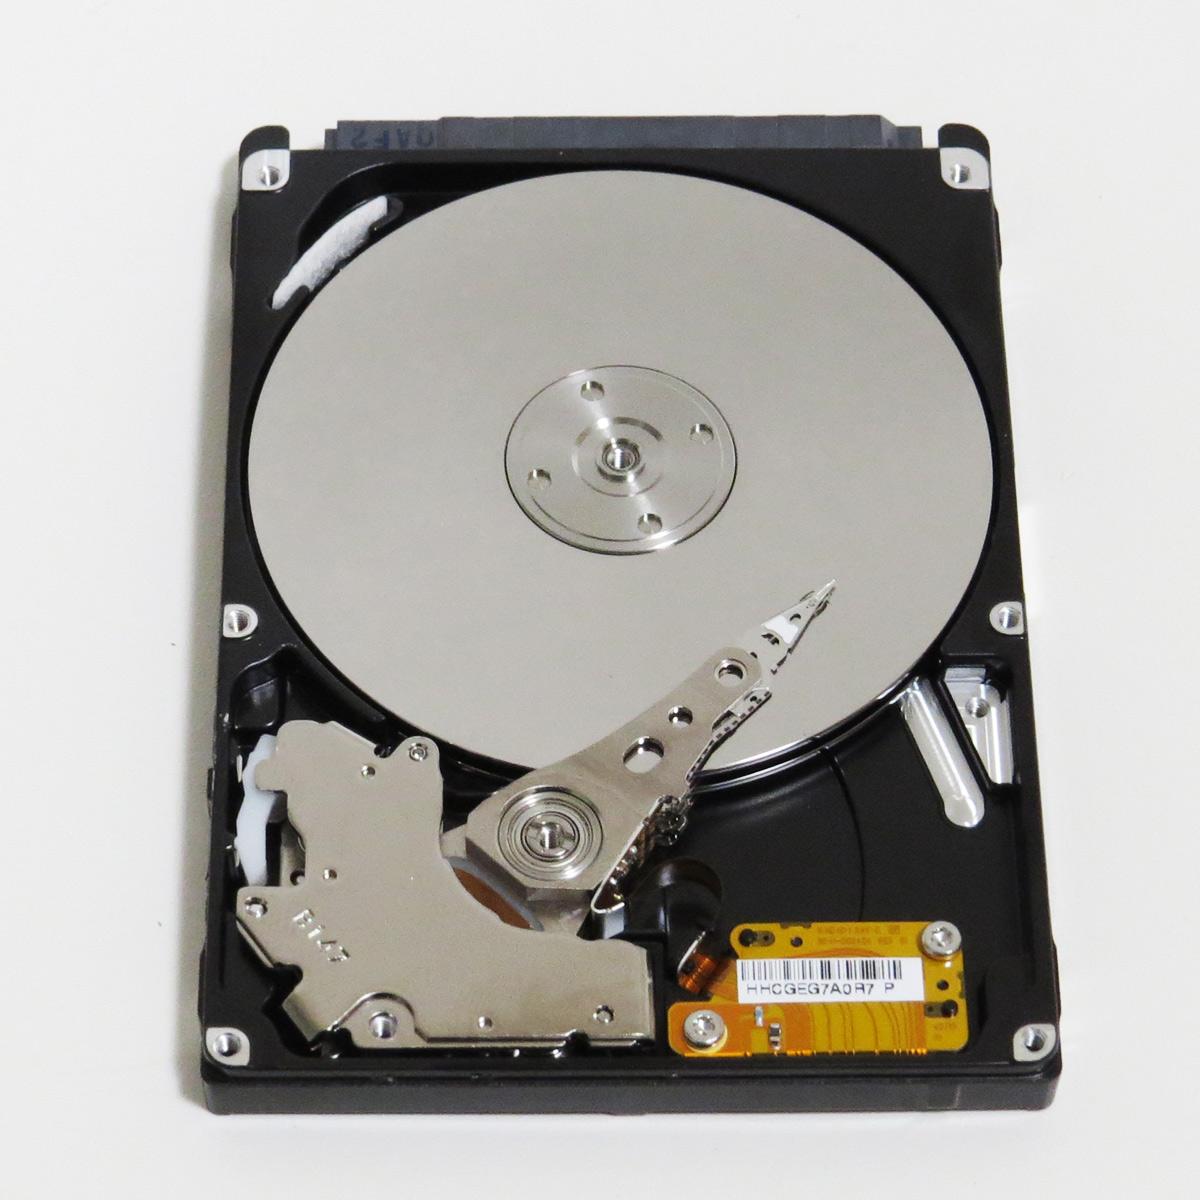 HDDを開ける